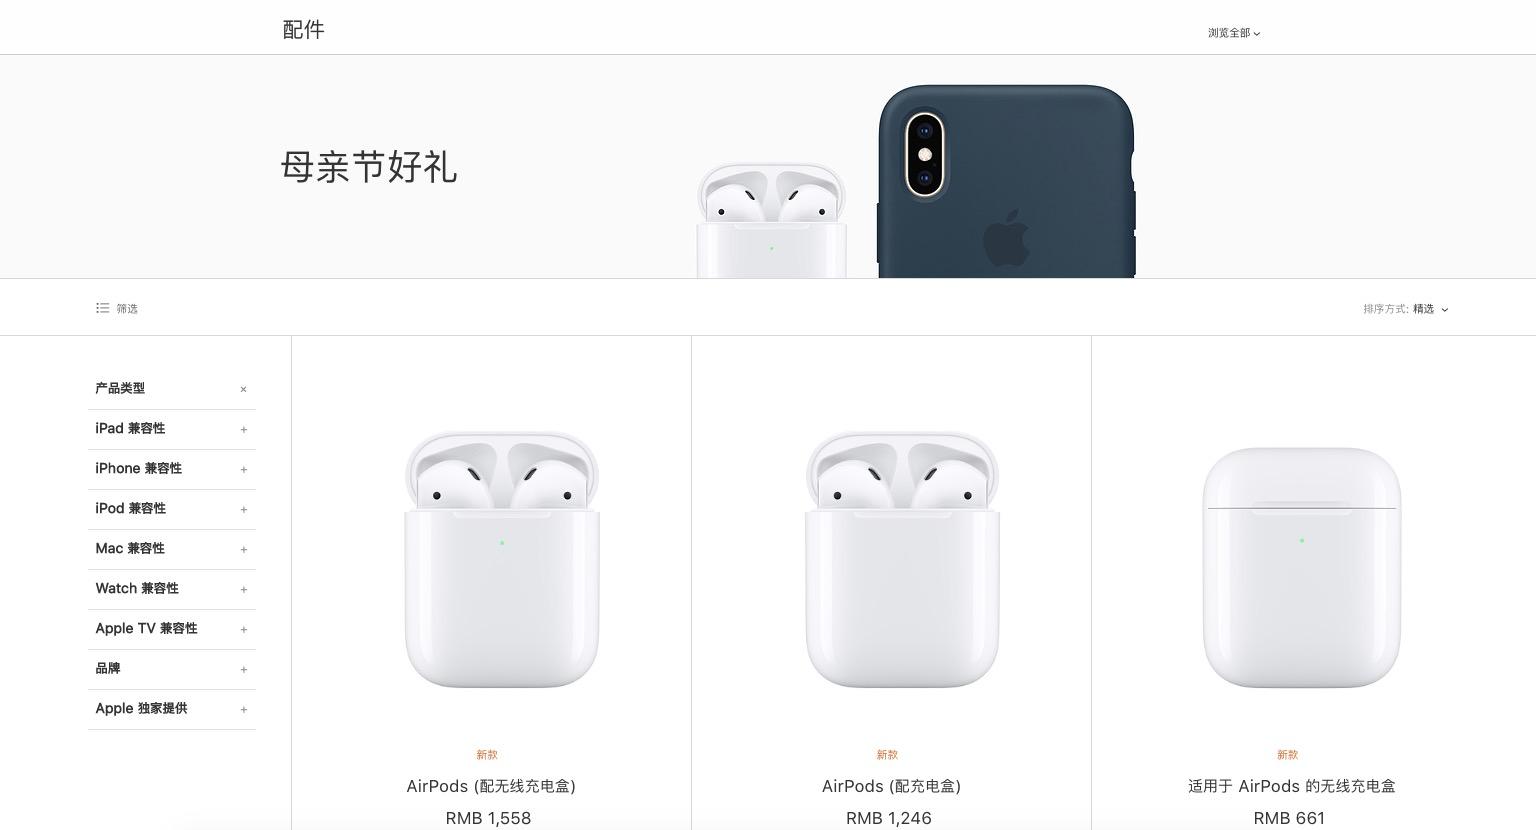 苹果分享 2019 母亲节礼品推荐,包括 AirPods 2、iPhone保护壳等